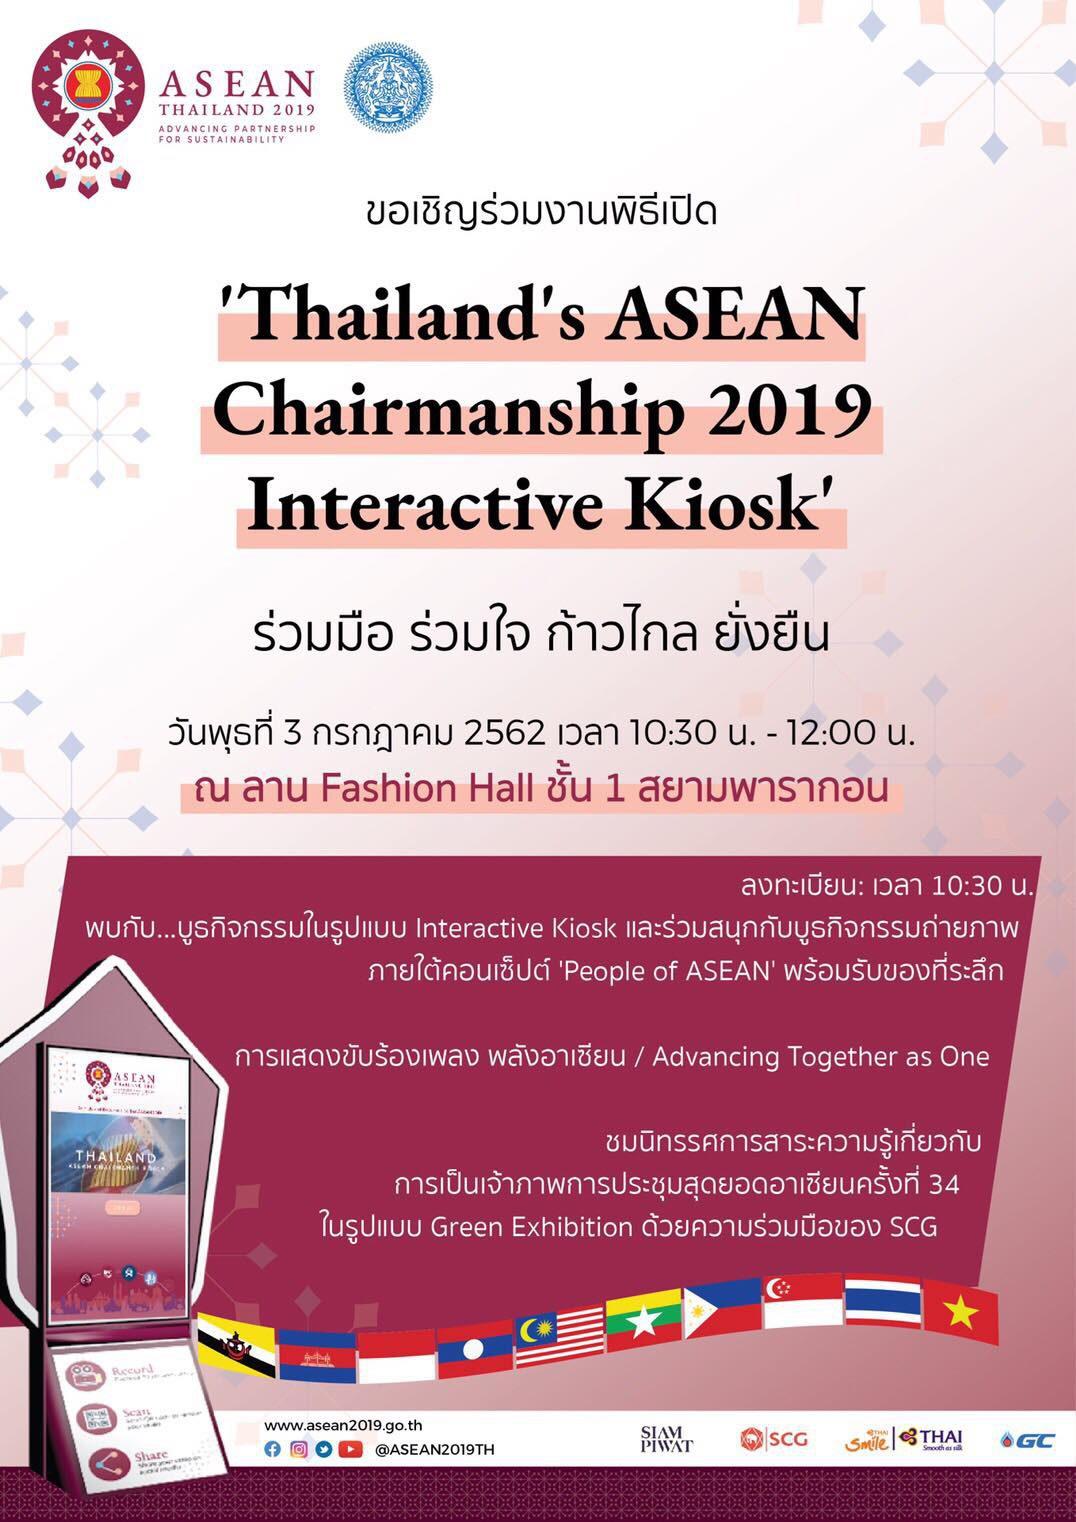 เชิญชม Thailand's ASEAN Chairmanship 2019 Interactive Kiosk